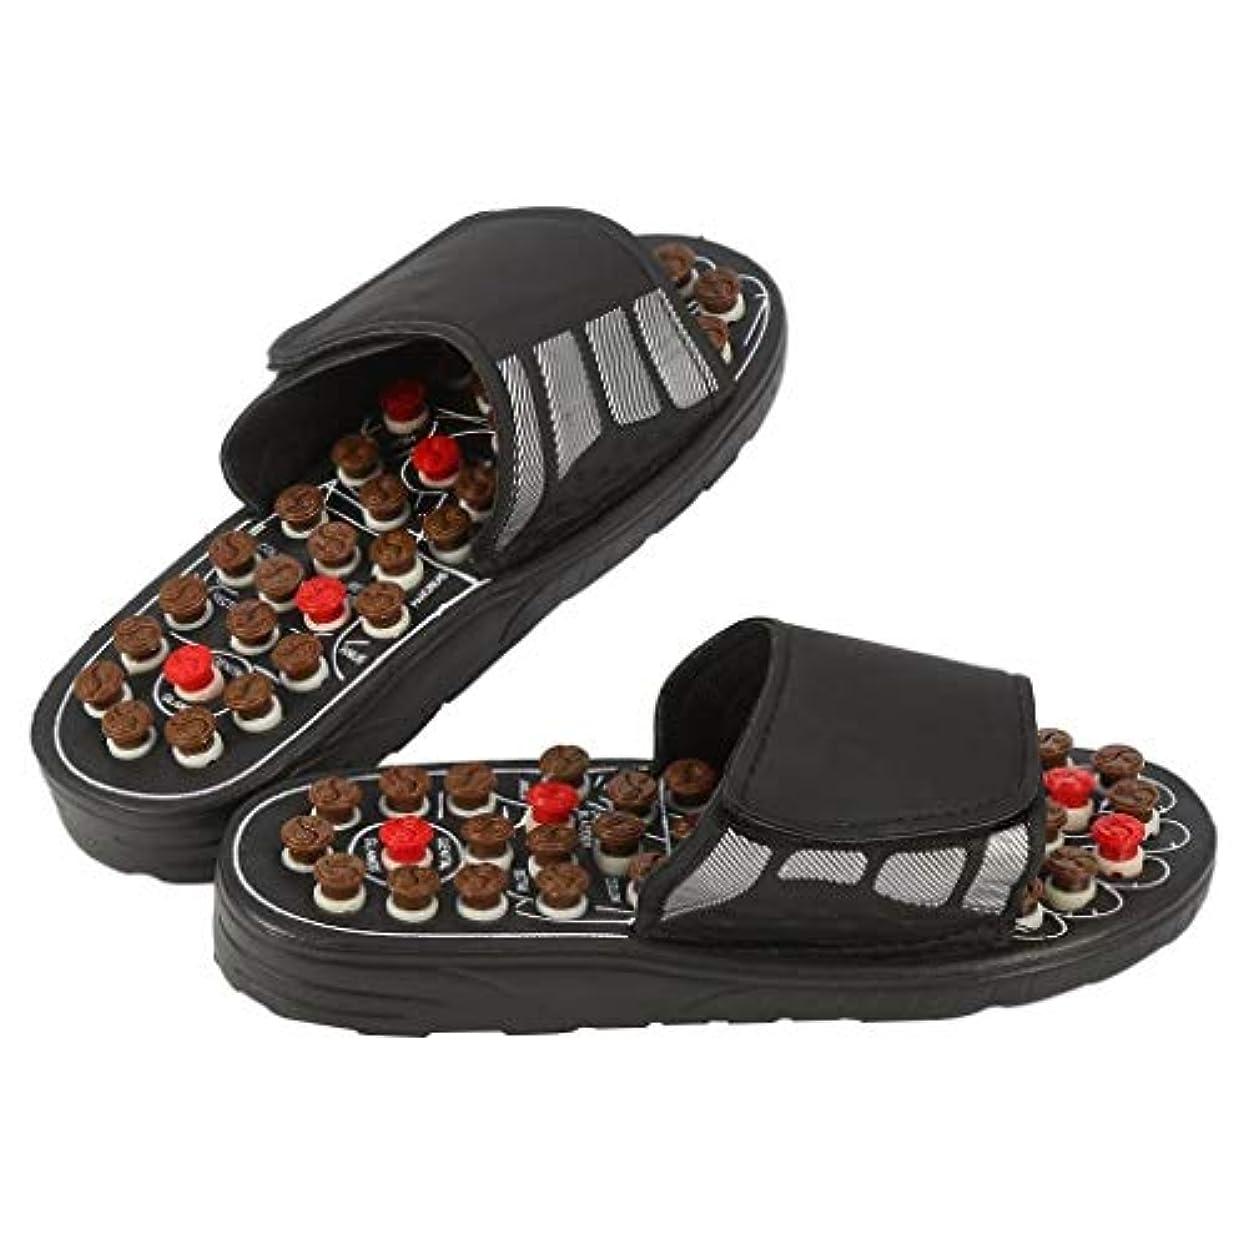 リーガンフォーカス文明磁気マッサージインソール、指圧靴マッサージ効果インソール健康足医療援助足リフレクソロジーは、血液循環疲労を促進します (Color : 黒, Size : 40-41)